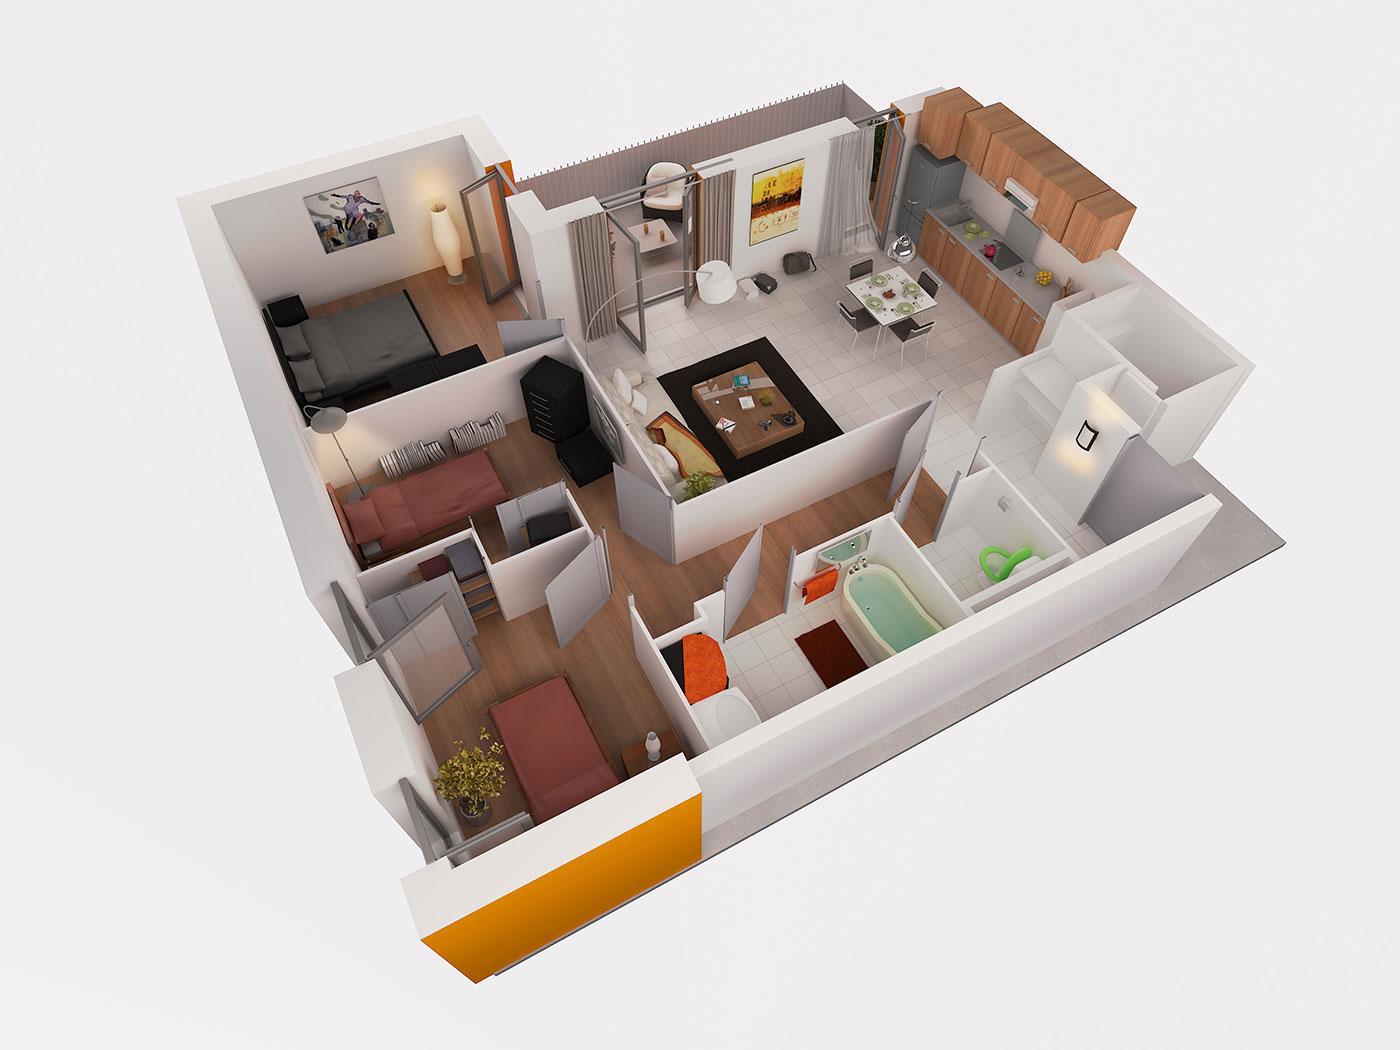 Image 3d promotion immobilière 2014